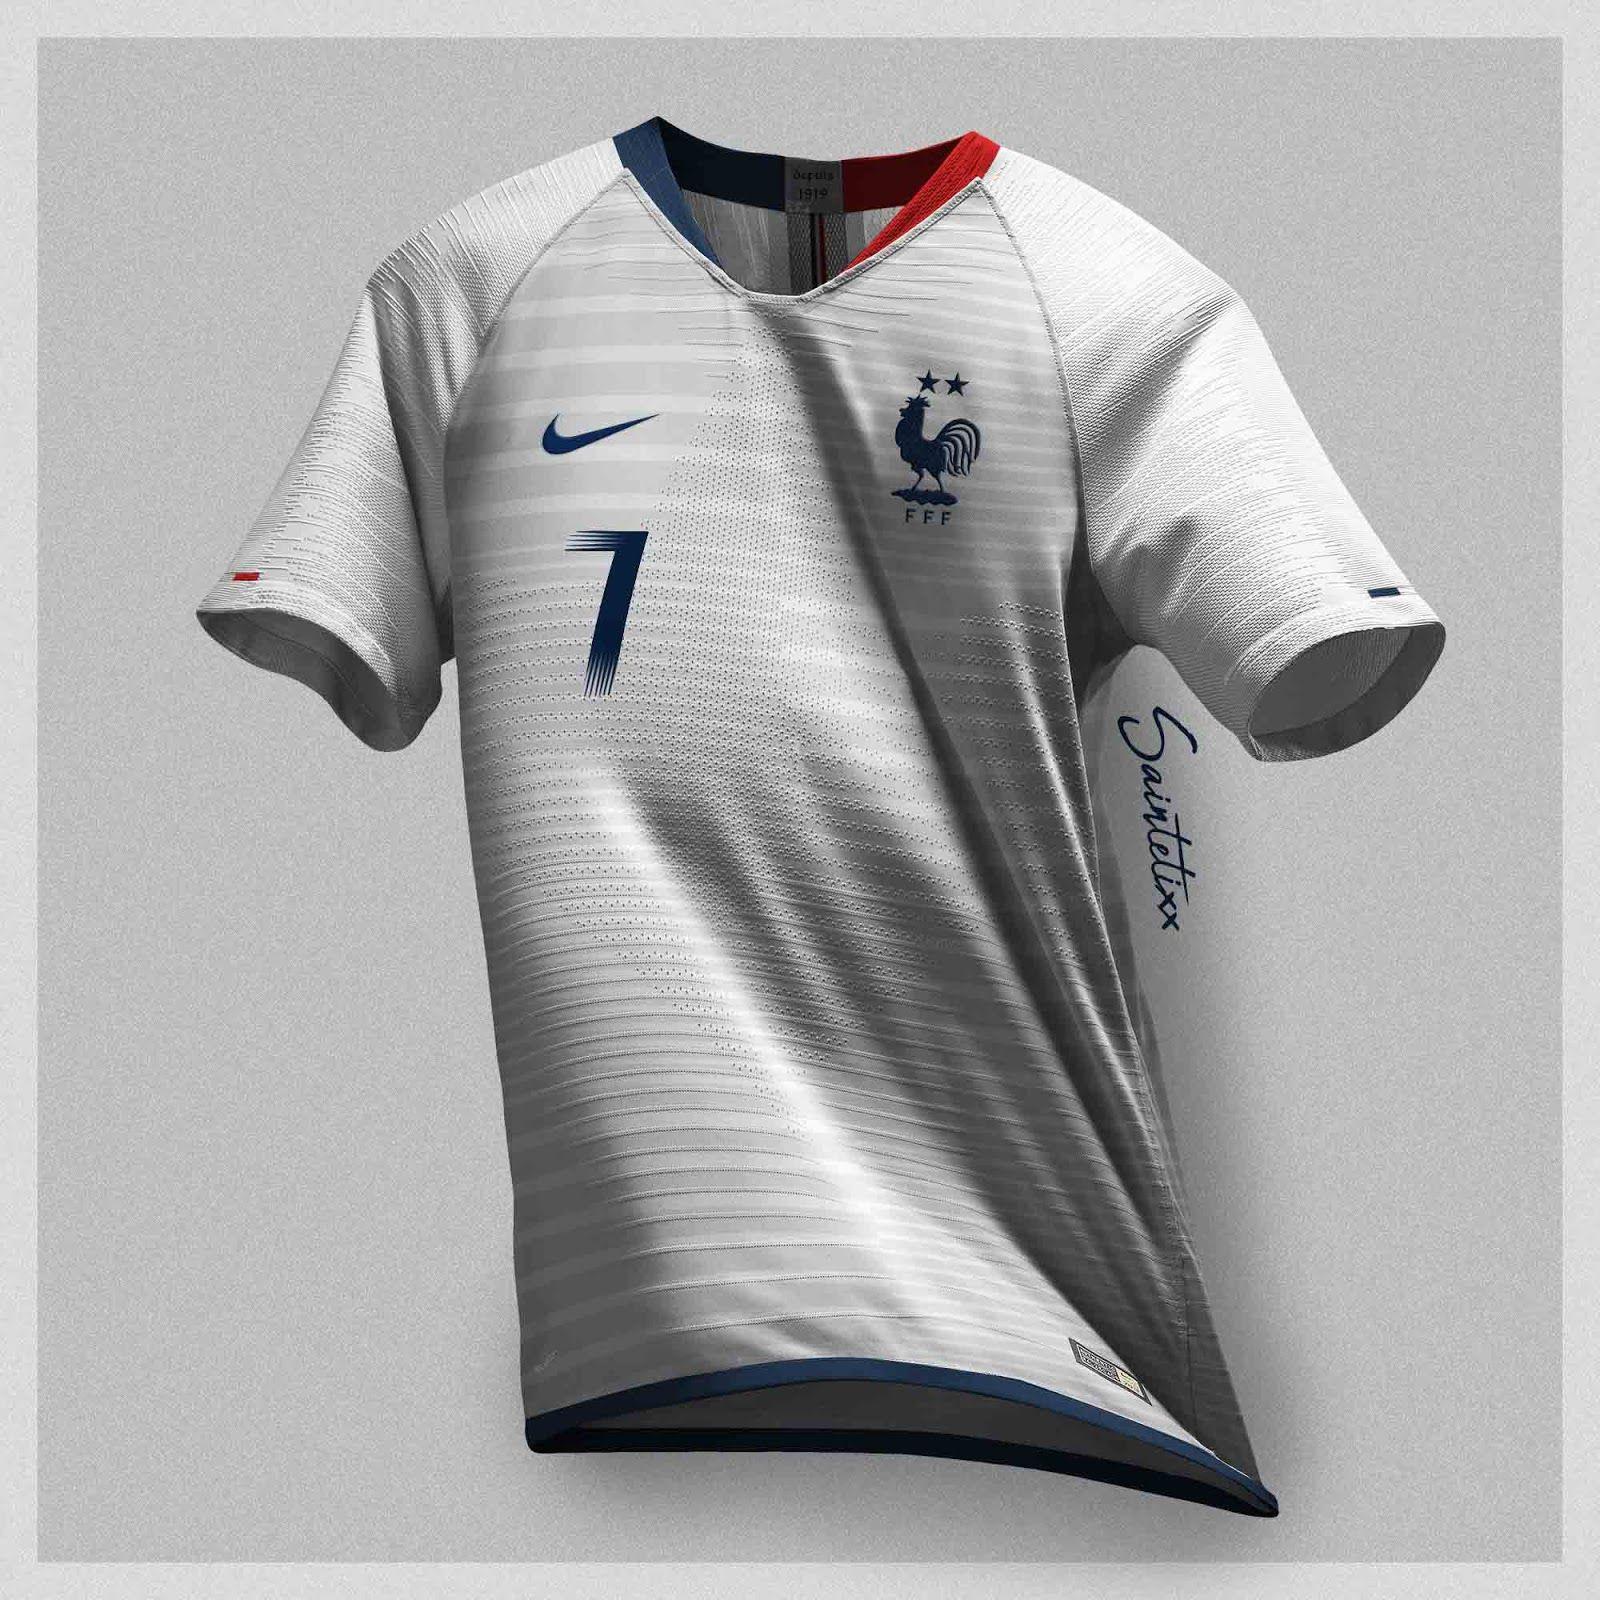 0d10ec901b2 France 2020-22 Concept Kits by Saintetixx - Footy Headlines ...